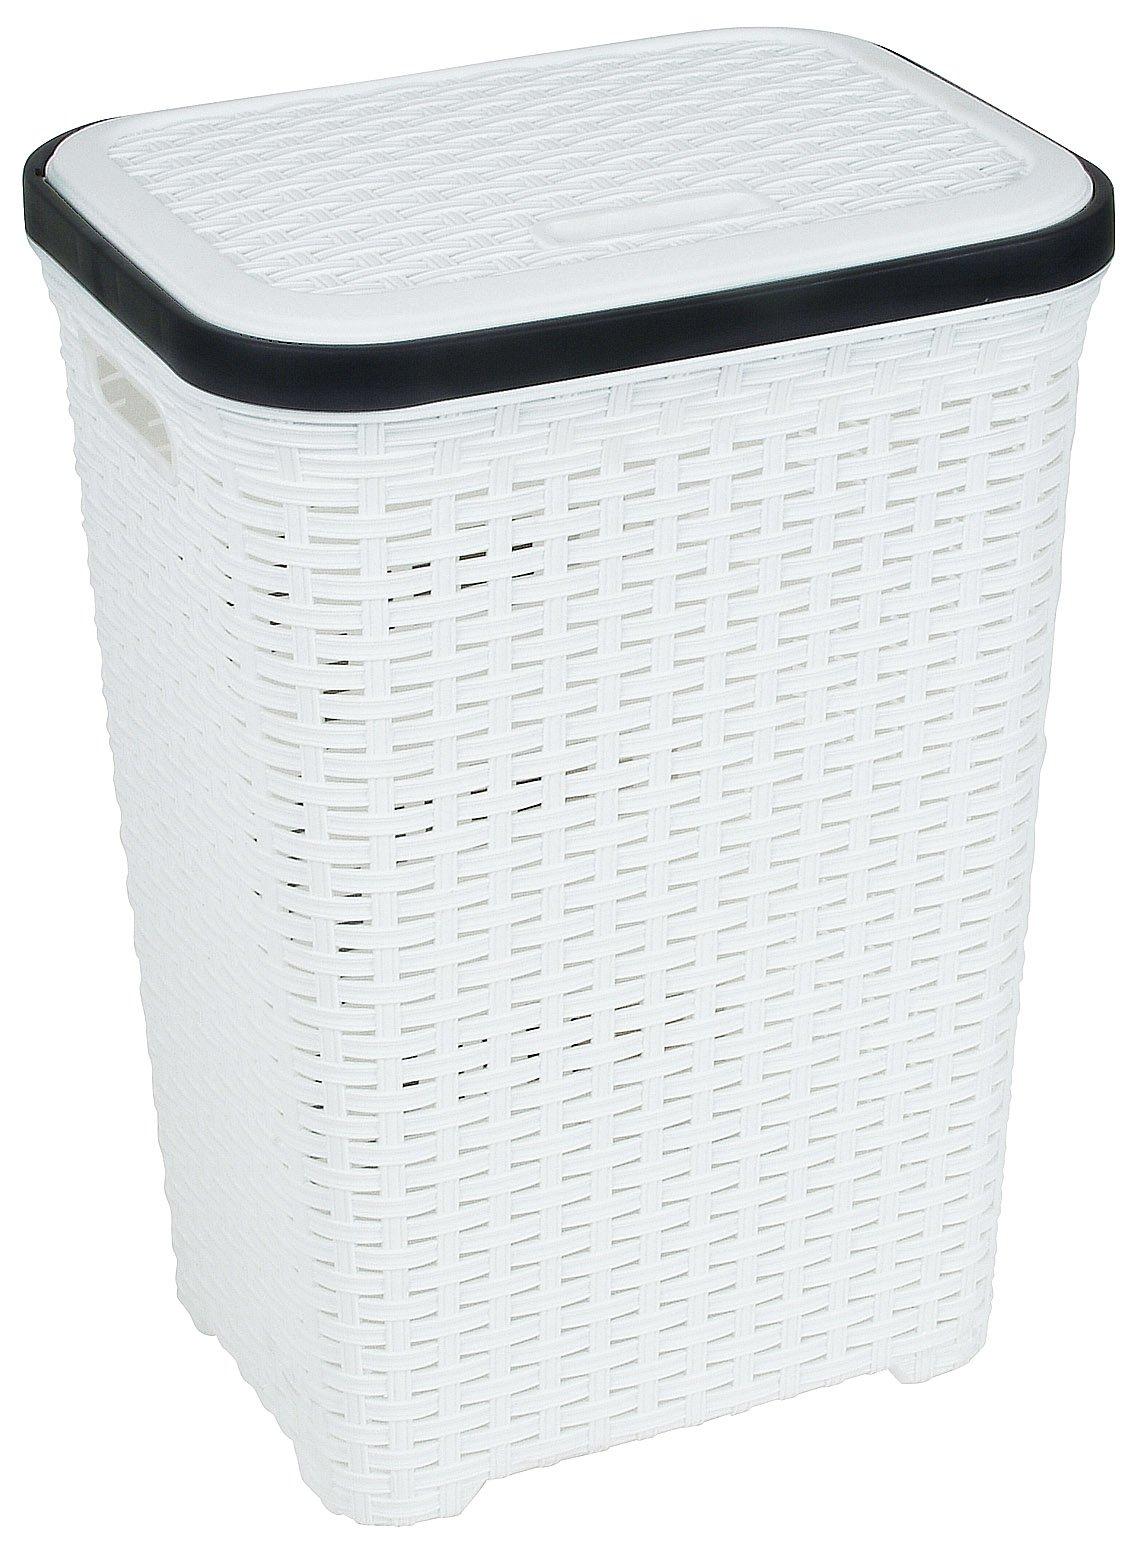 Rattan Wicker Style 1 7 Bushel Laundry Hamper White